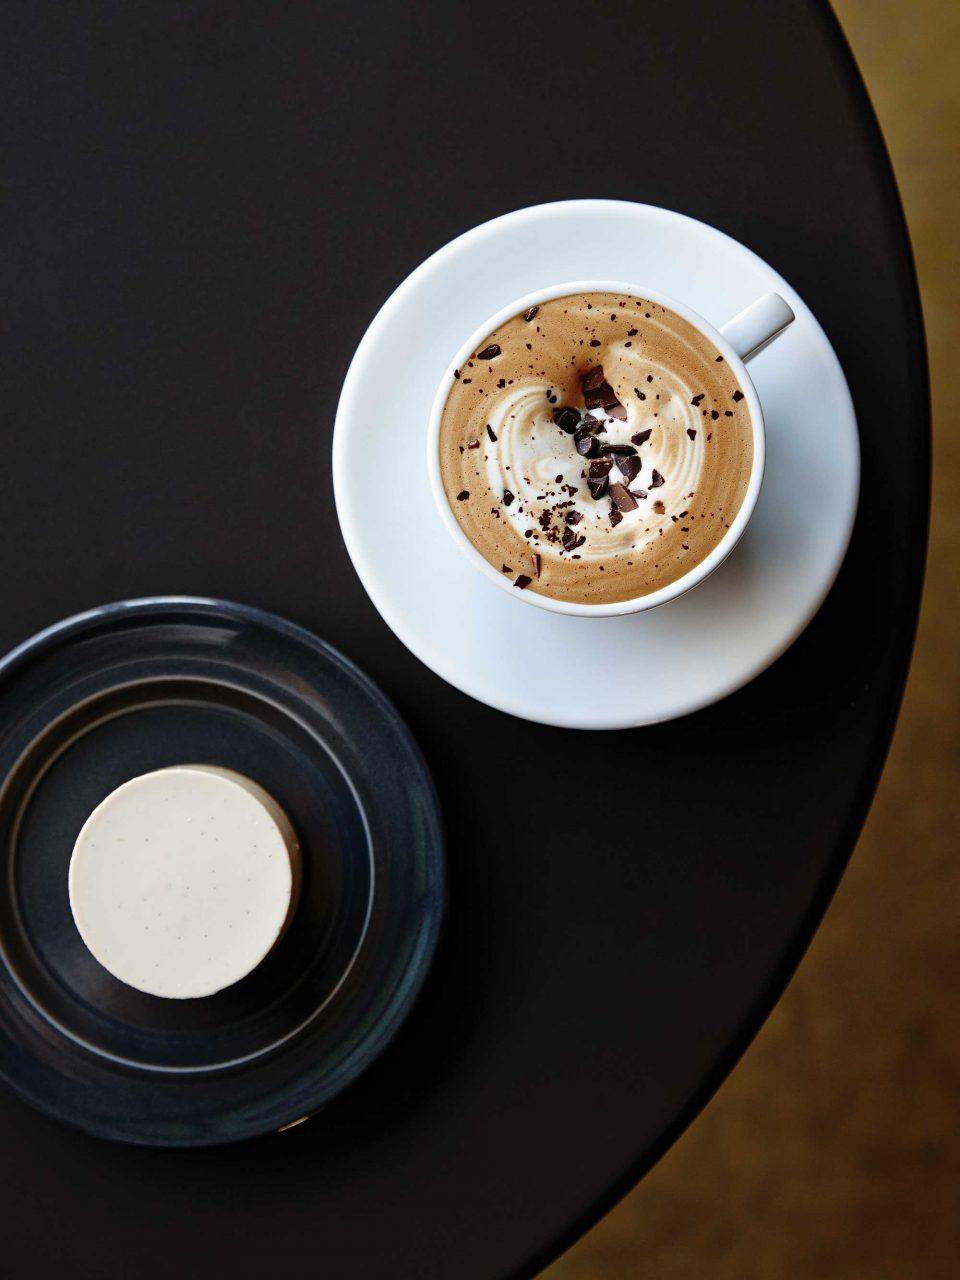 브라이언스 커피의 인기 메뉴인 발로나플랫화이트와 치즈케익. 모두 자체 개발한 메뉴로 특히 치즈케익은 외국에서 공수한 스타터를 넣어 9시간 이상 발효시킨 요구르트를 사용한다.